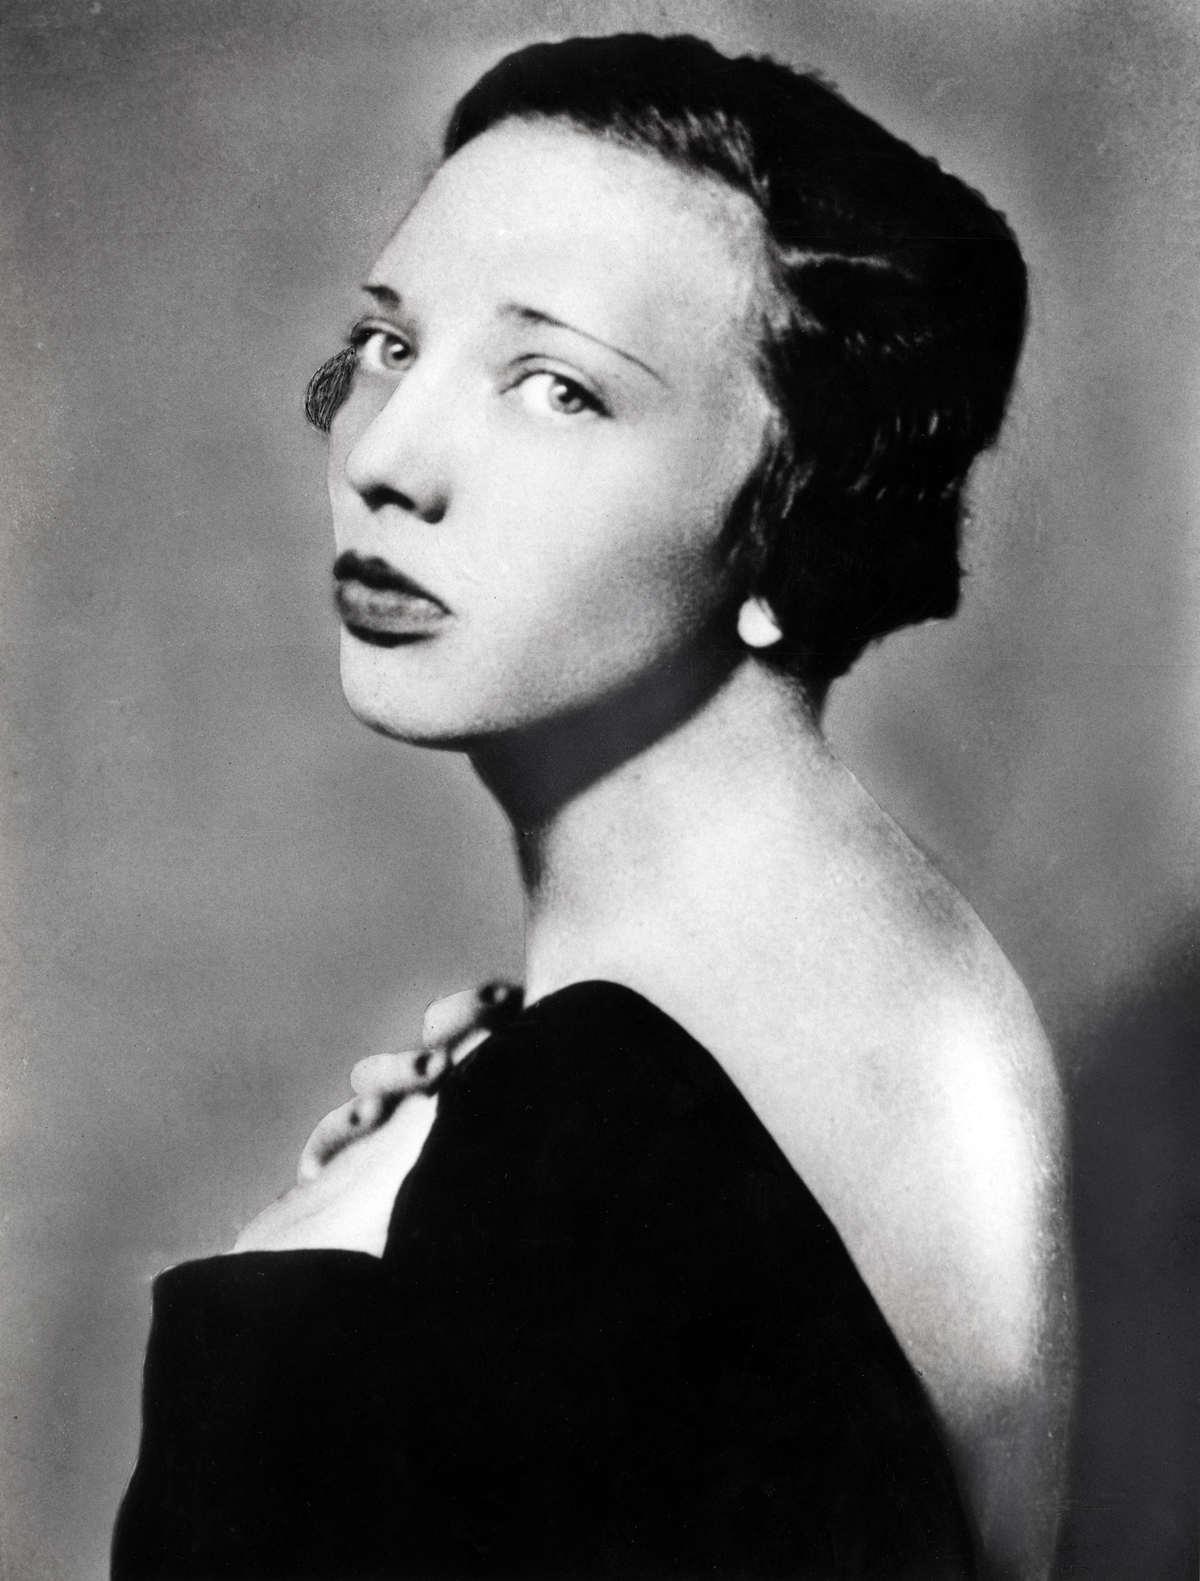 Ann Cooper Hewitt (1914-1956): esterilização forçada pela mãe e seis casamentos.